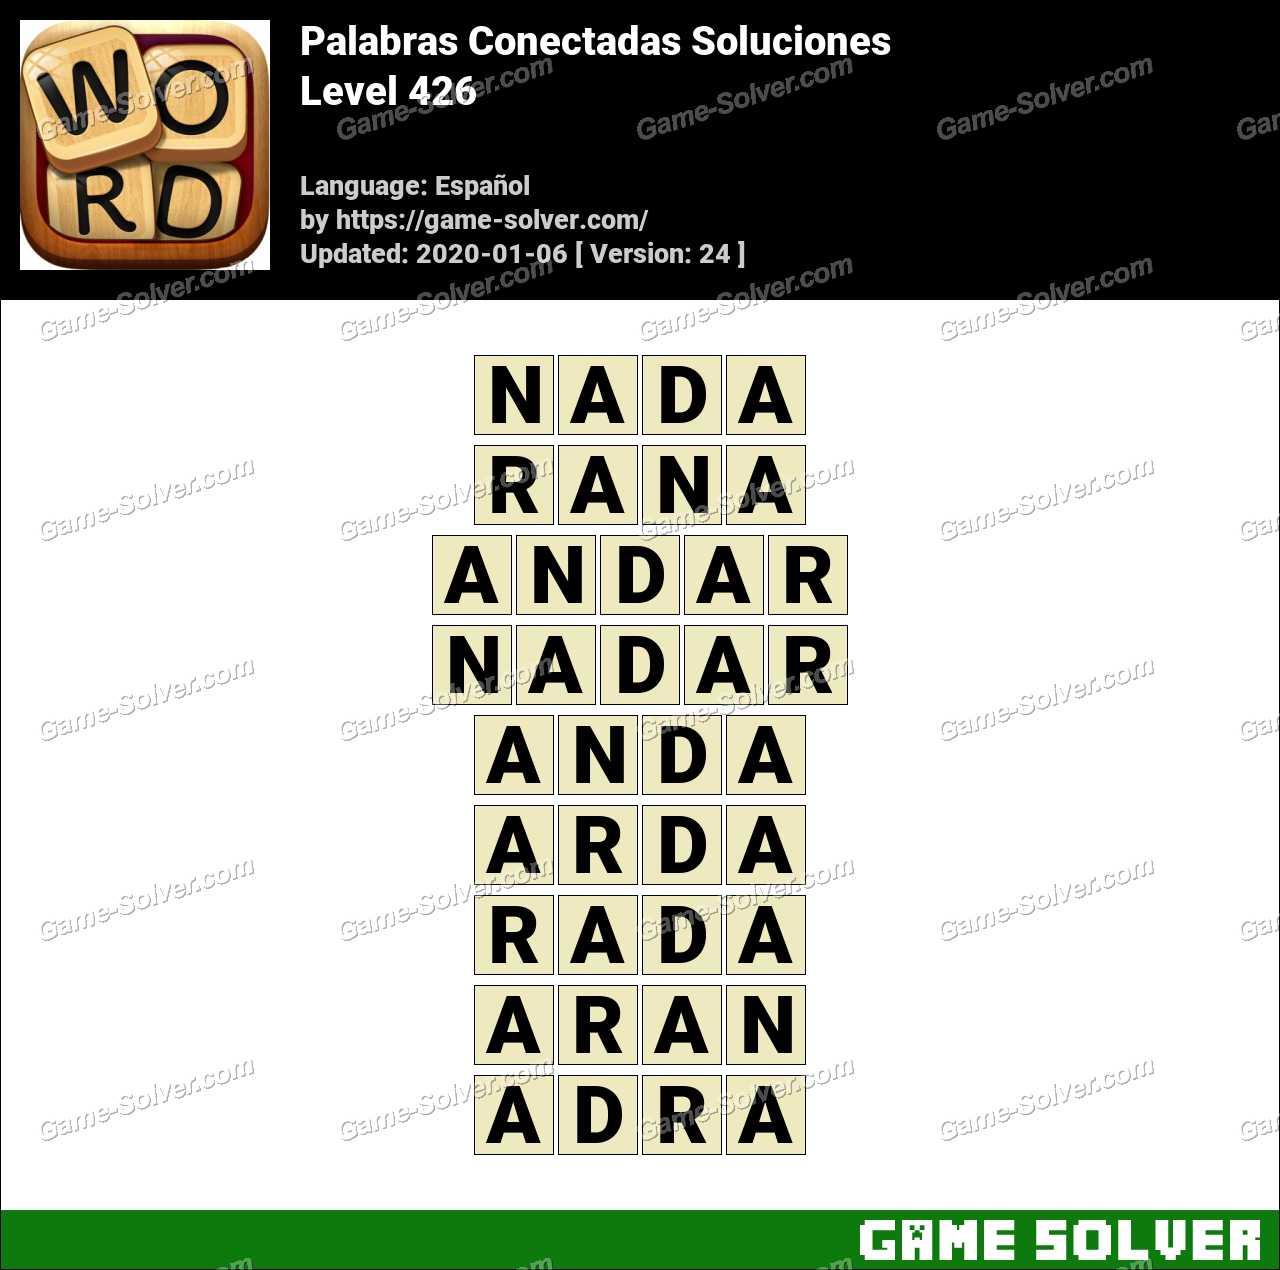 Palabras Conectadas Nivel 426 Soluciones